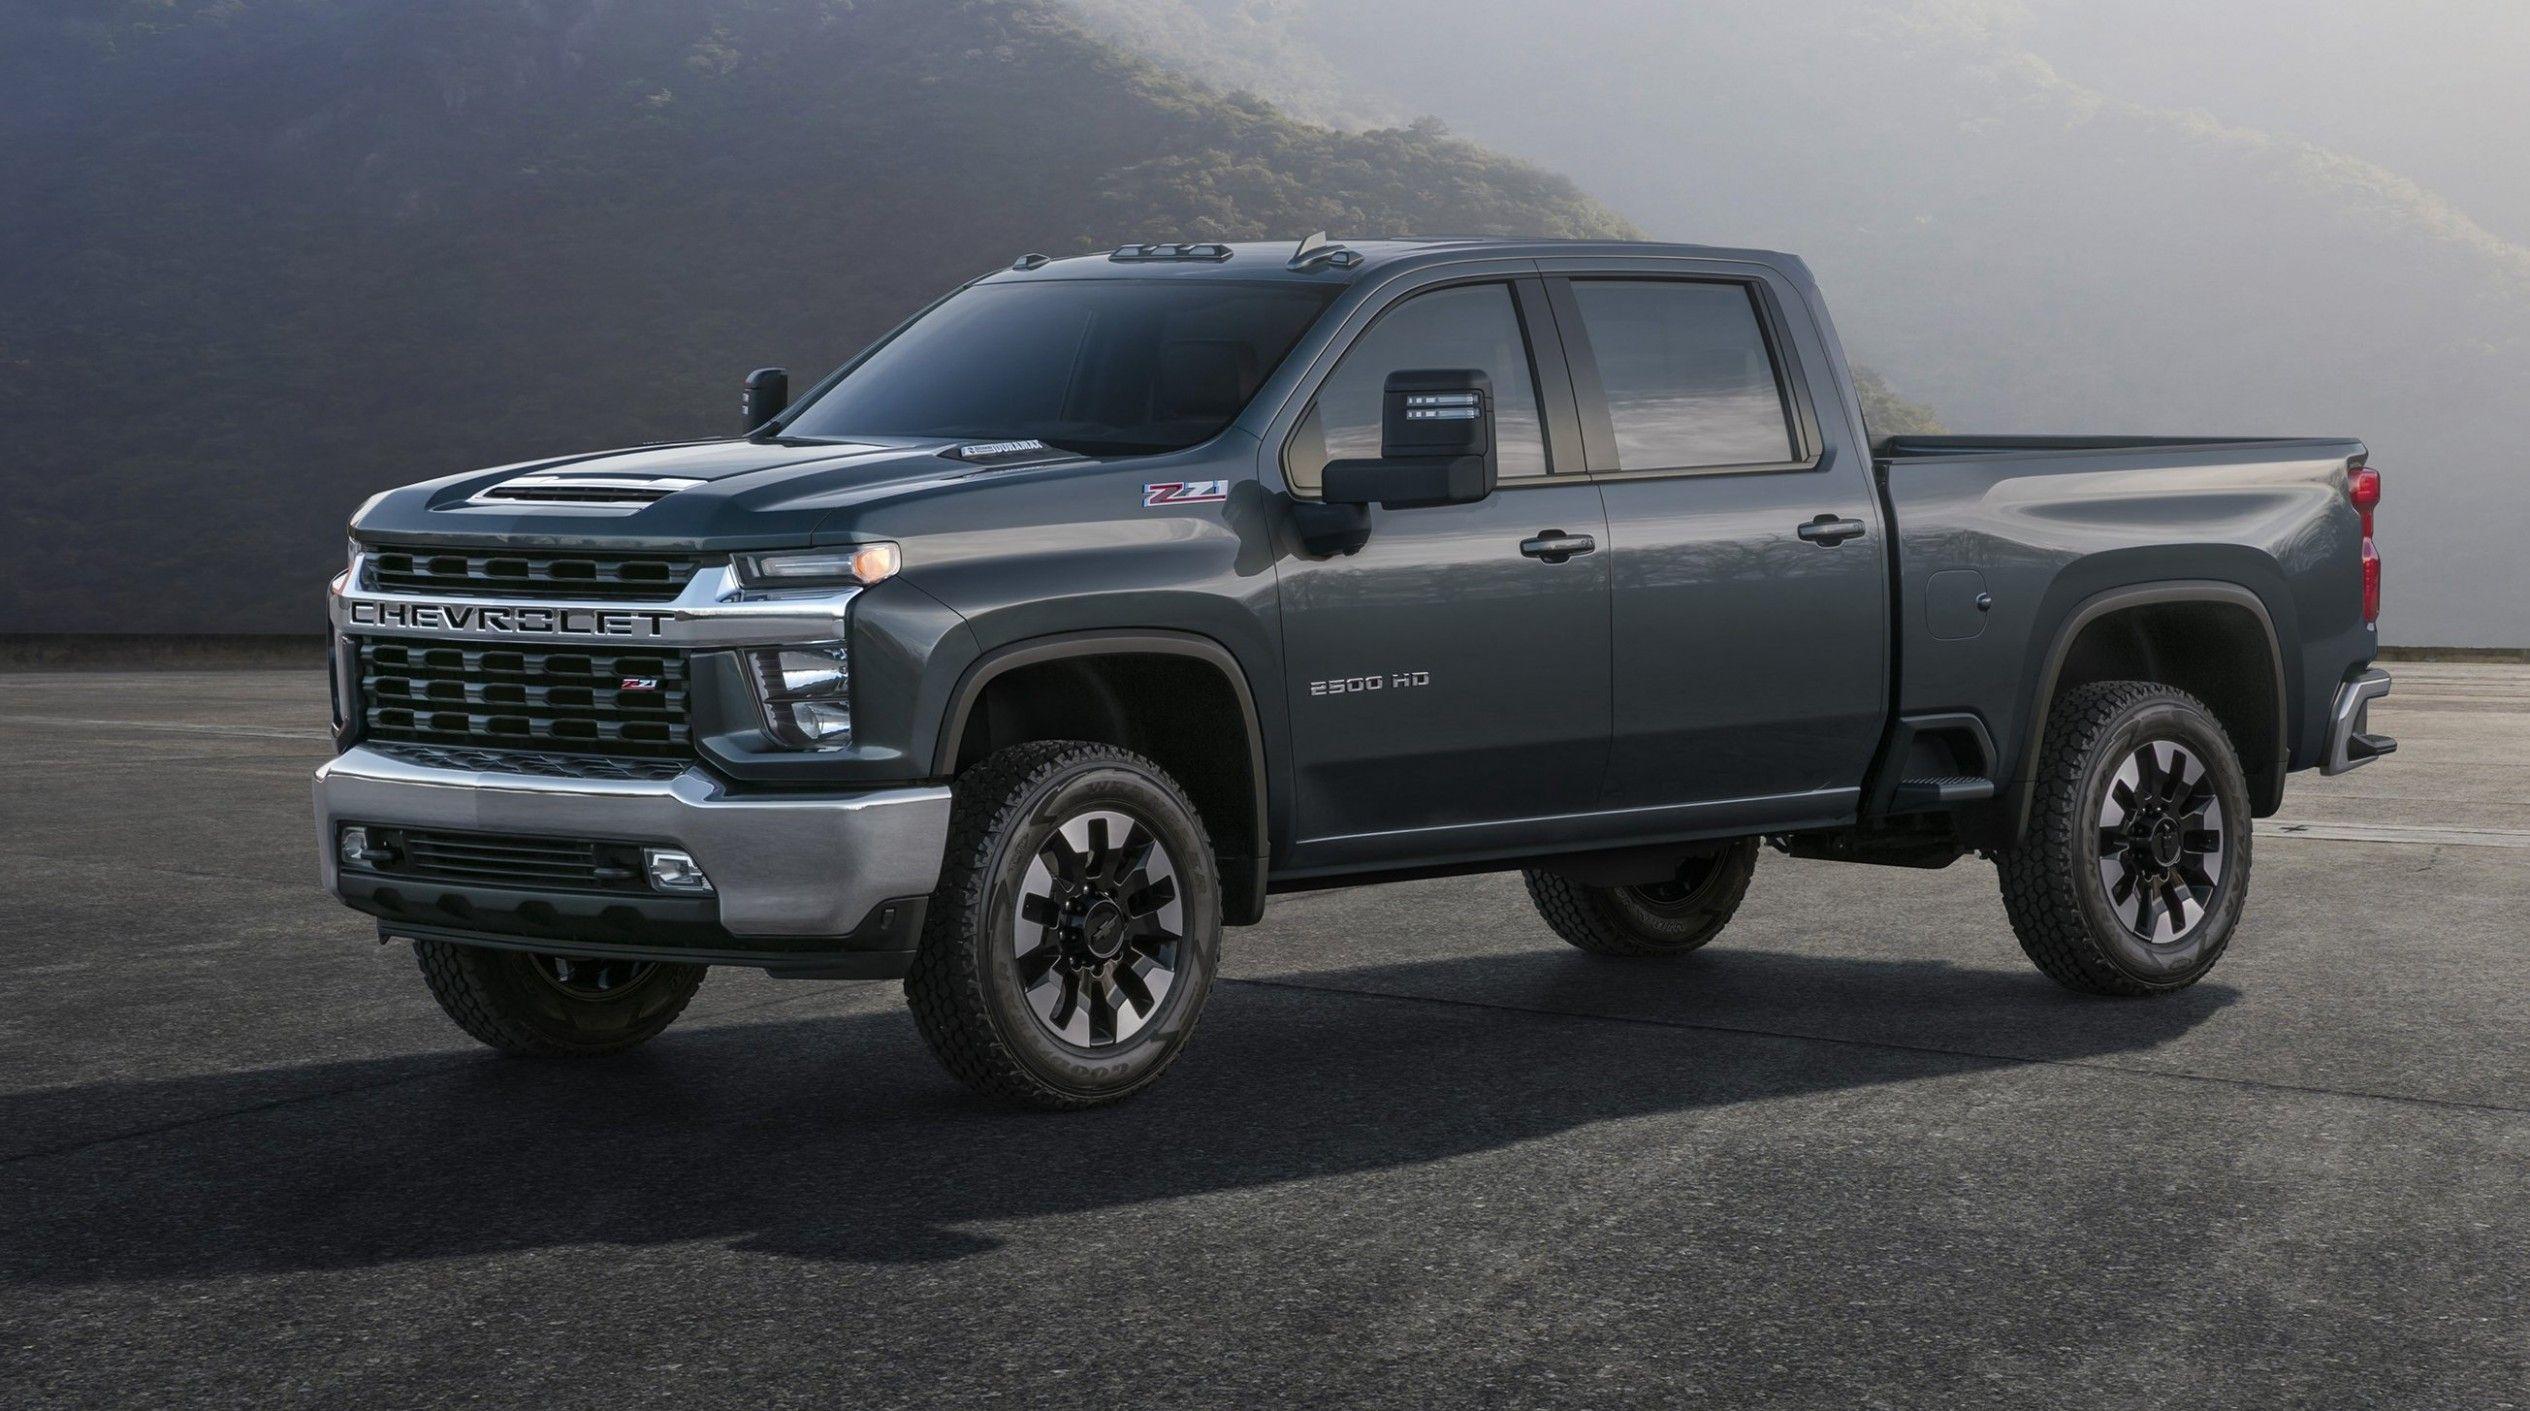 2021 Chevy Silverado 1500 2500 Pricing